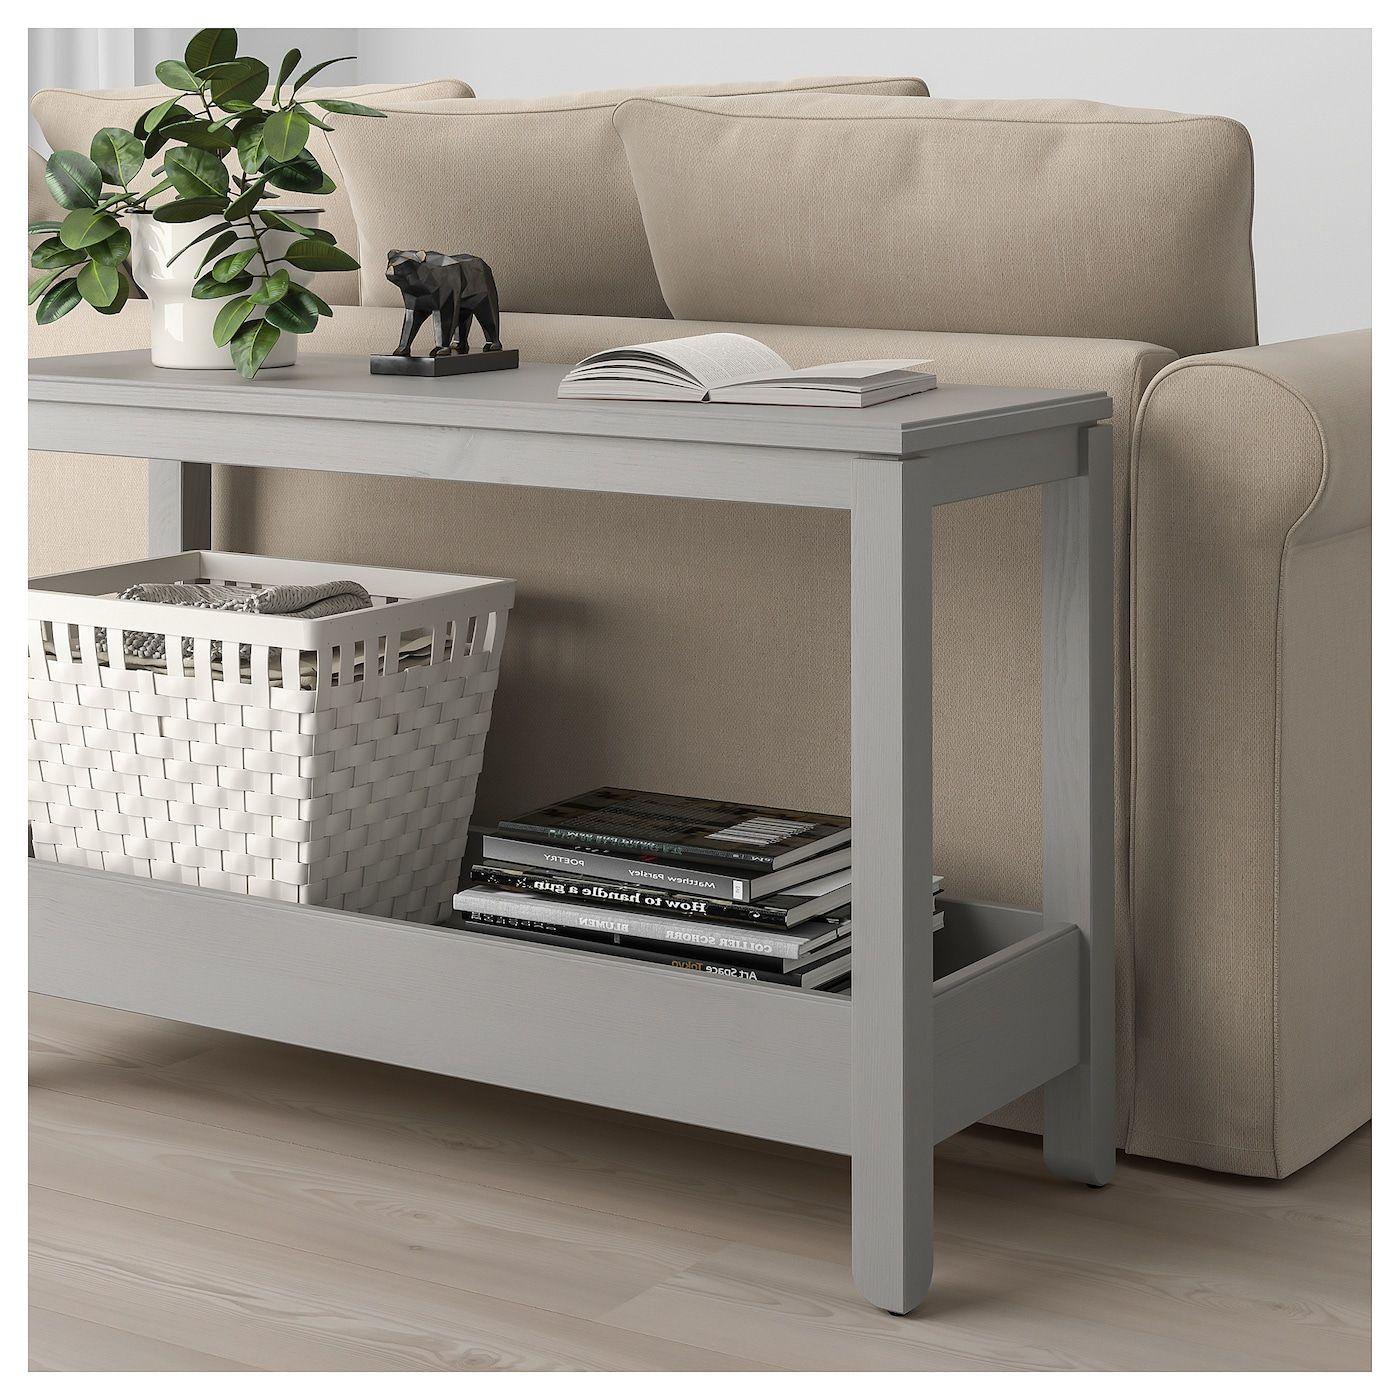 Havsta Ablagetisch Grau Ikea Deutschland Ikea Console Table Console Table Ikea